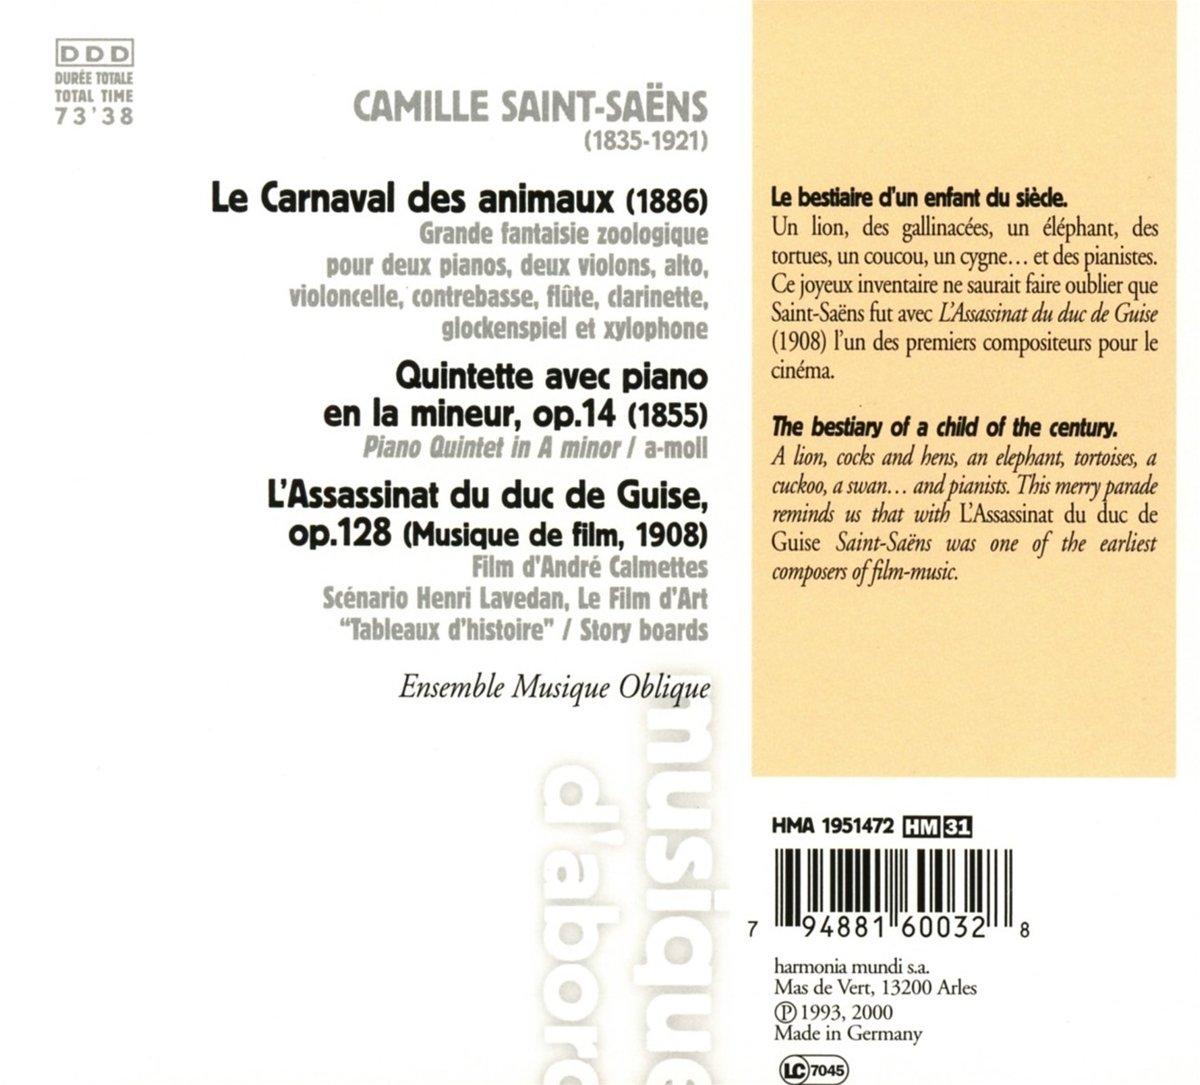 bol com | Carnaval Des Animaux, Ensemble Musique Oblique